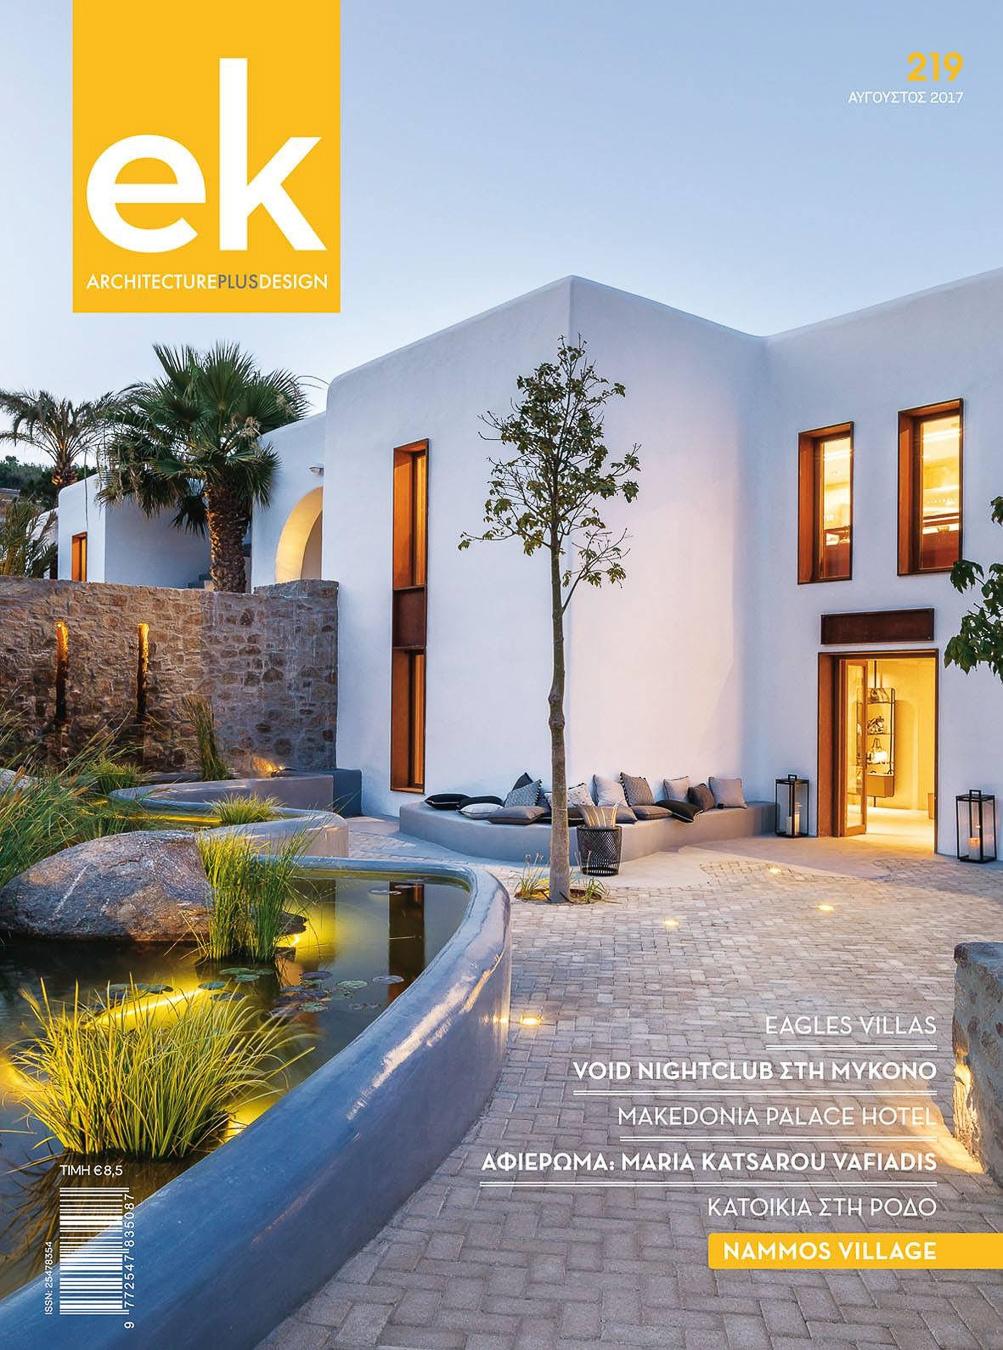 Mykonos Villas Cover, Γιώργος Φάκαρος - Αρχιτεκτονική Φωτογραφία | Εσωτερικοί Χώροι | Φωτογραφία Ξενοδοχειών - Photography / Φωτογραφία